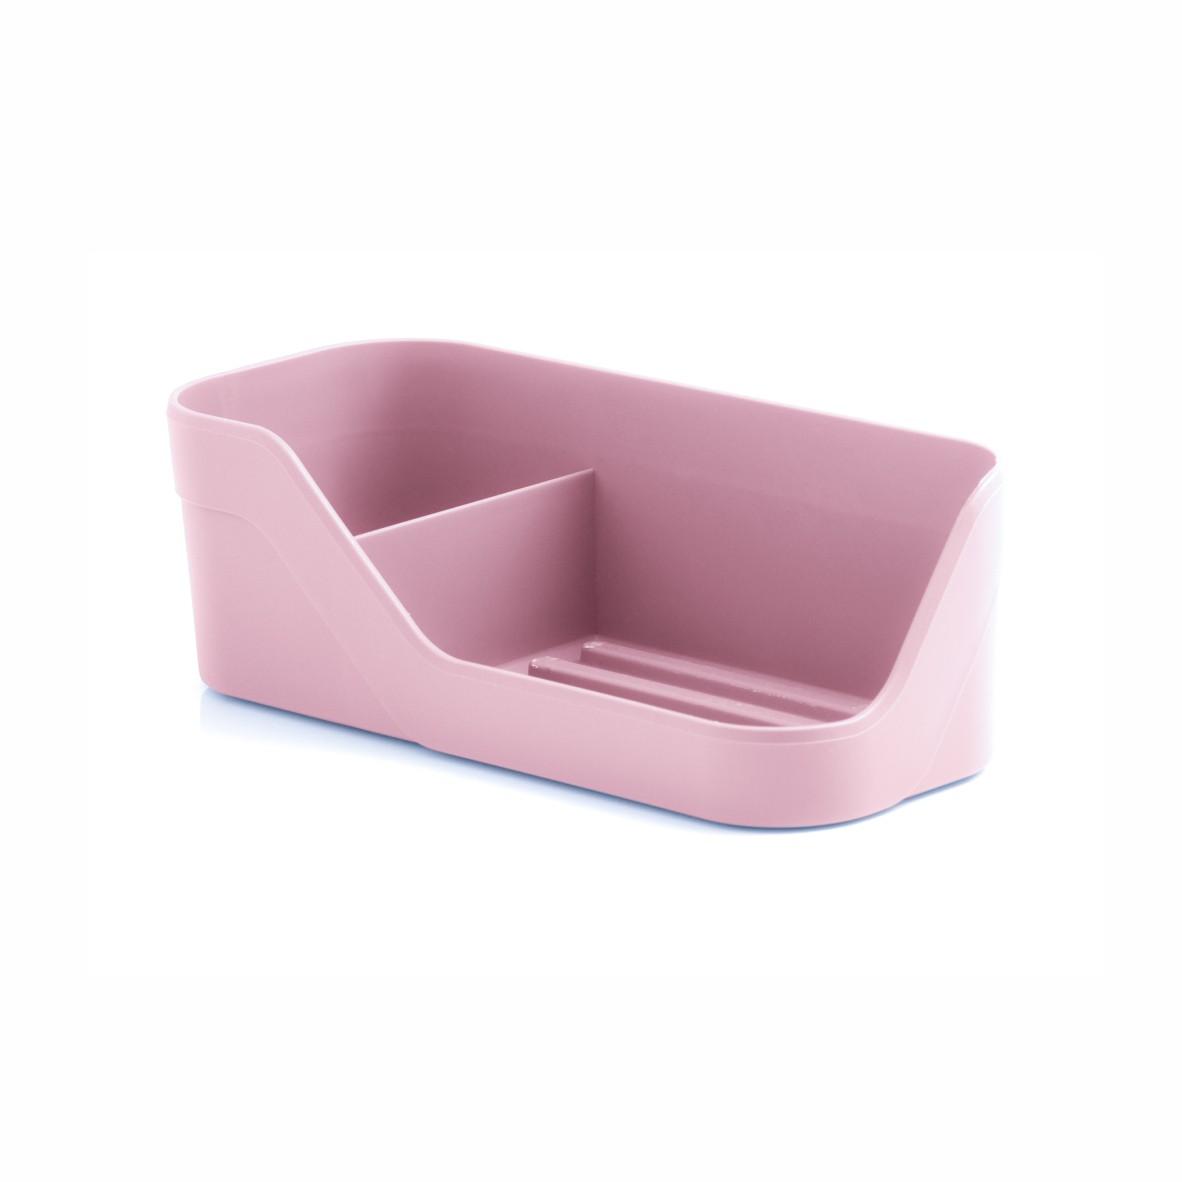 Organizador de Pia Compacto Rosa - OU